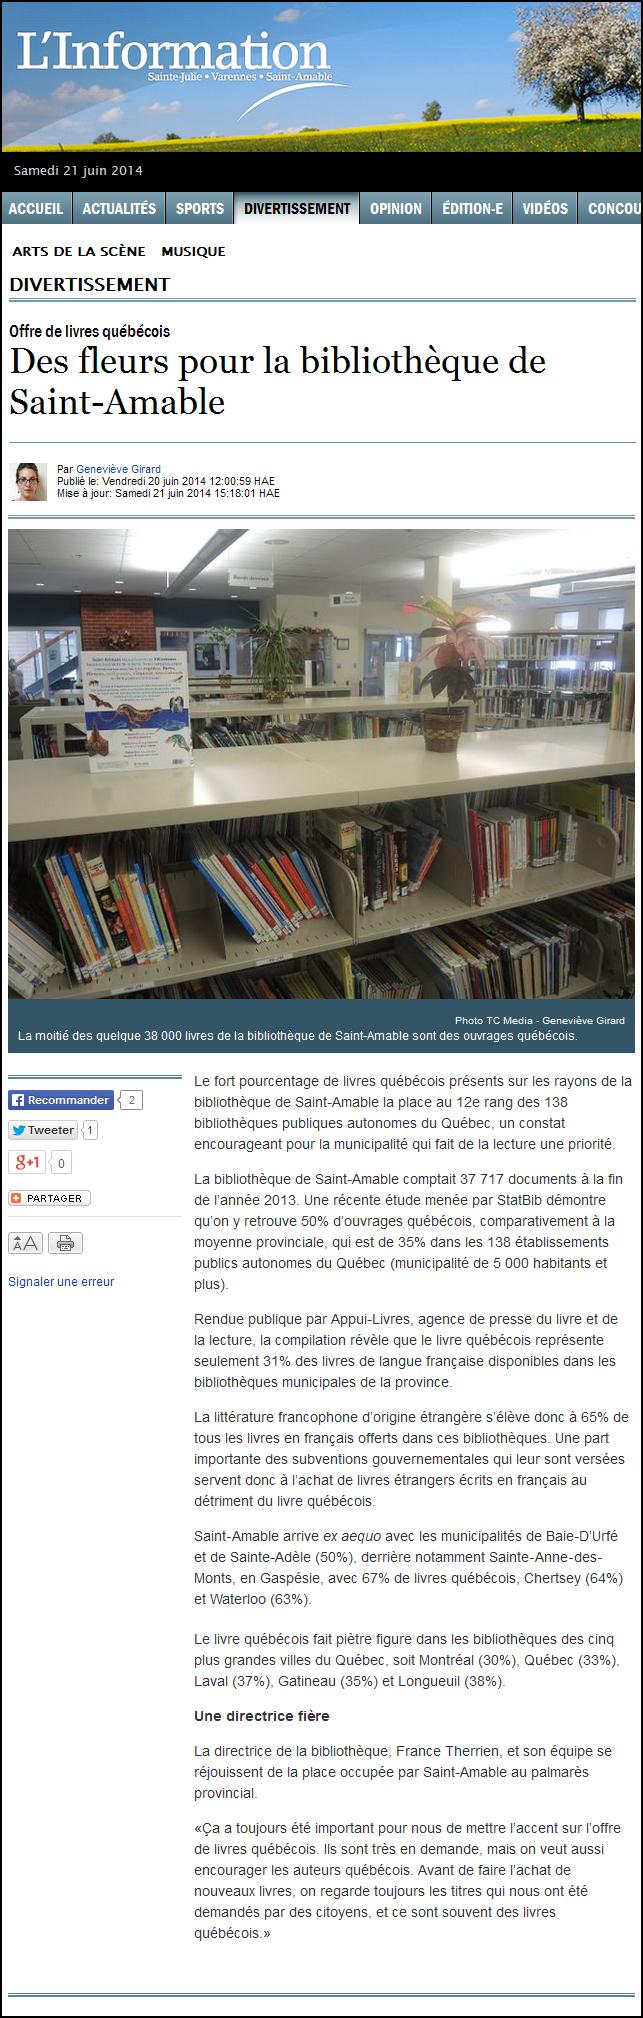 «Des fleurs pour la bibliothèque de Saint-Amable» par Geneviève Girard de l'hebdomadaire L'Information